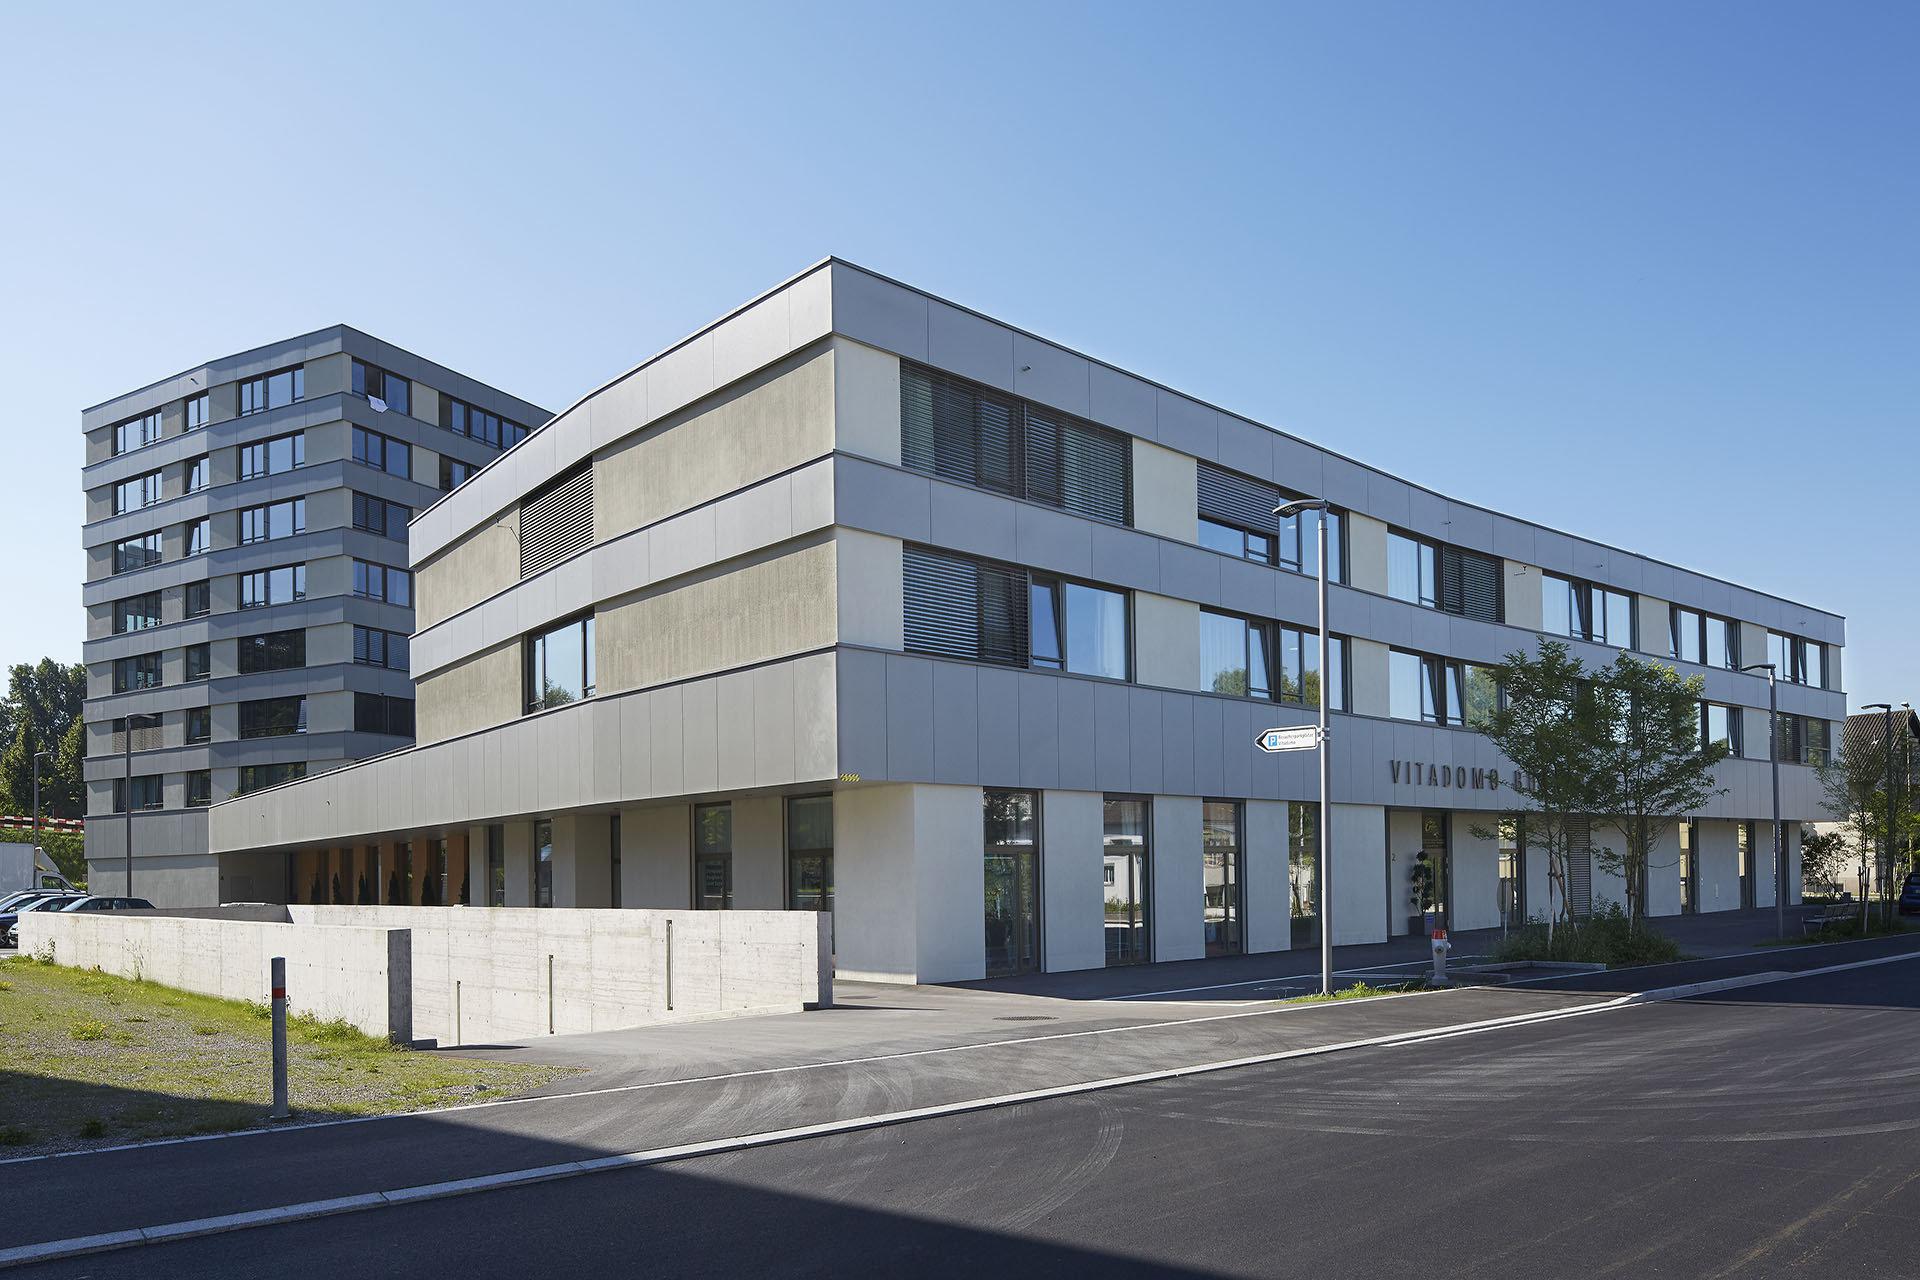 Bâtiment rectangulaire à plusieurs étages, façade généreuse